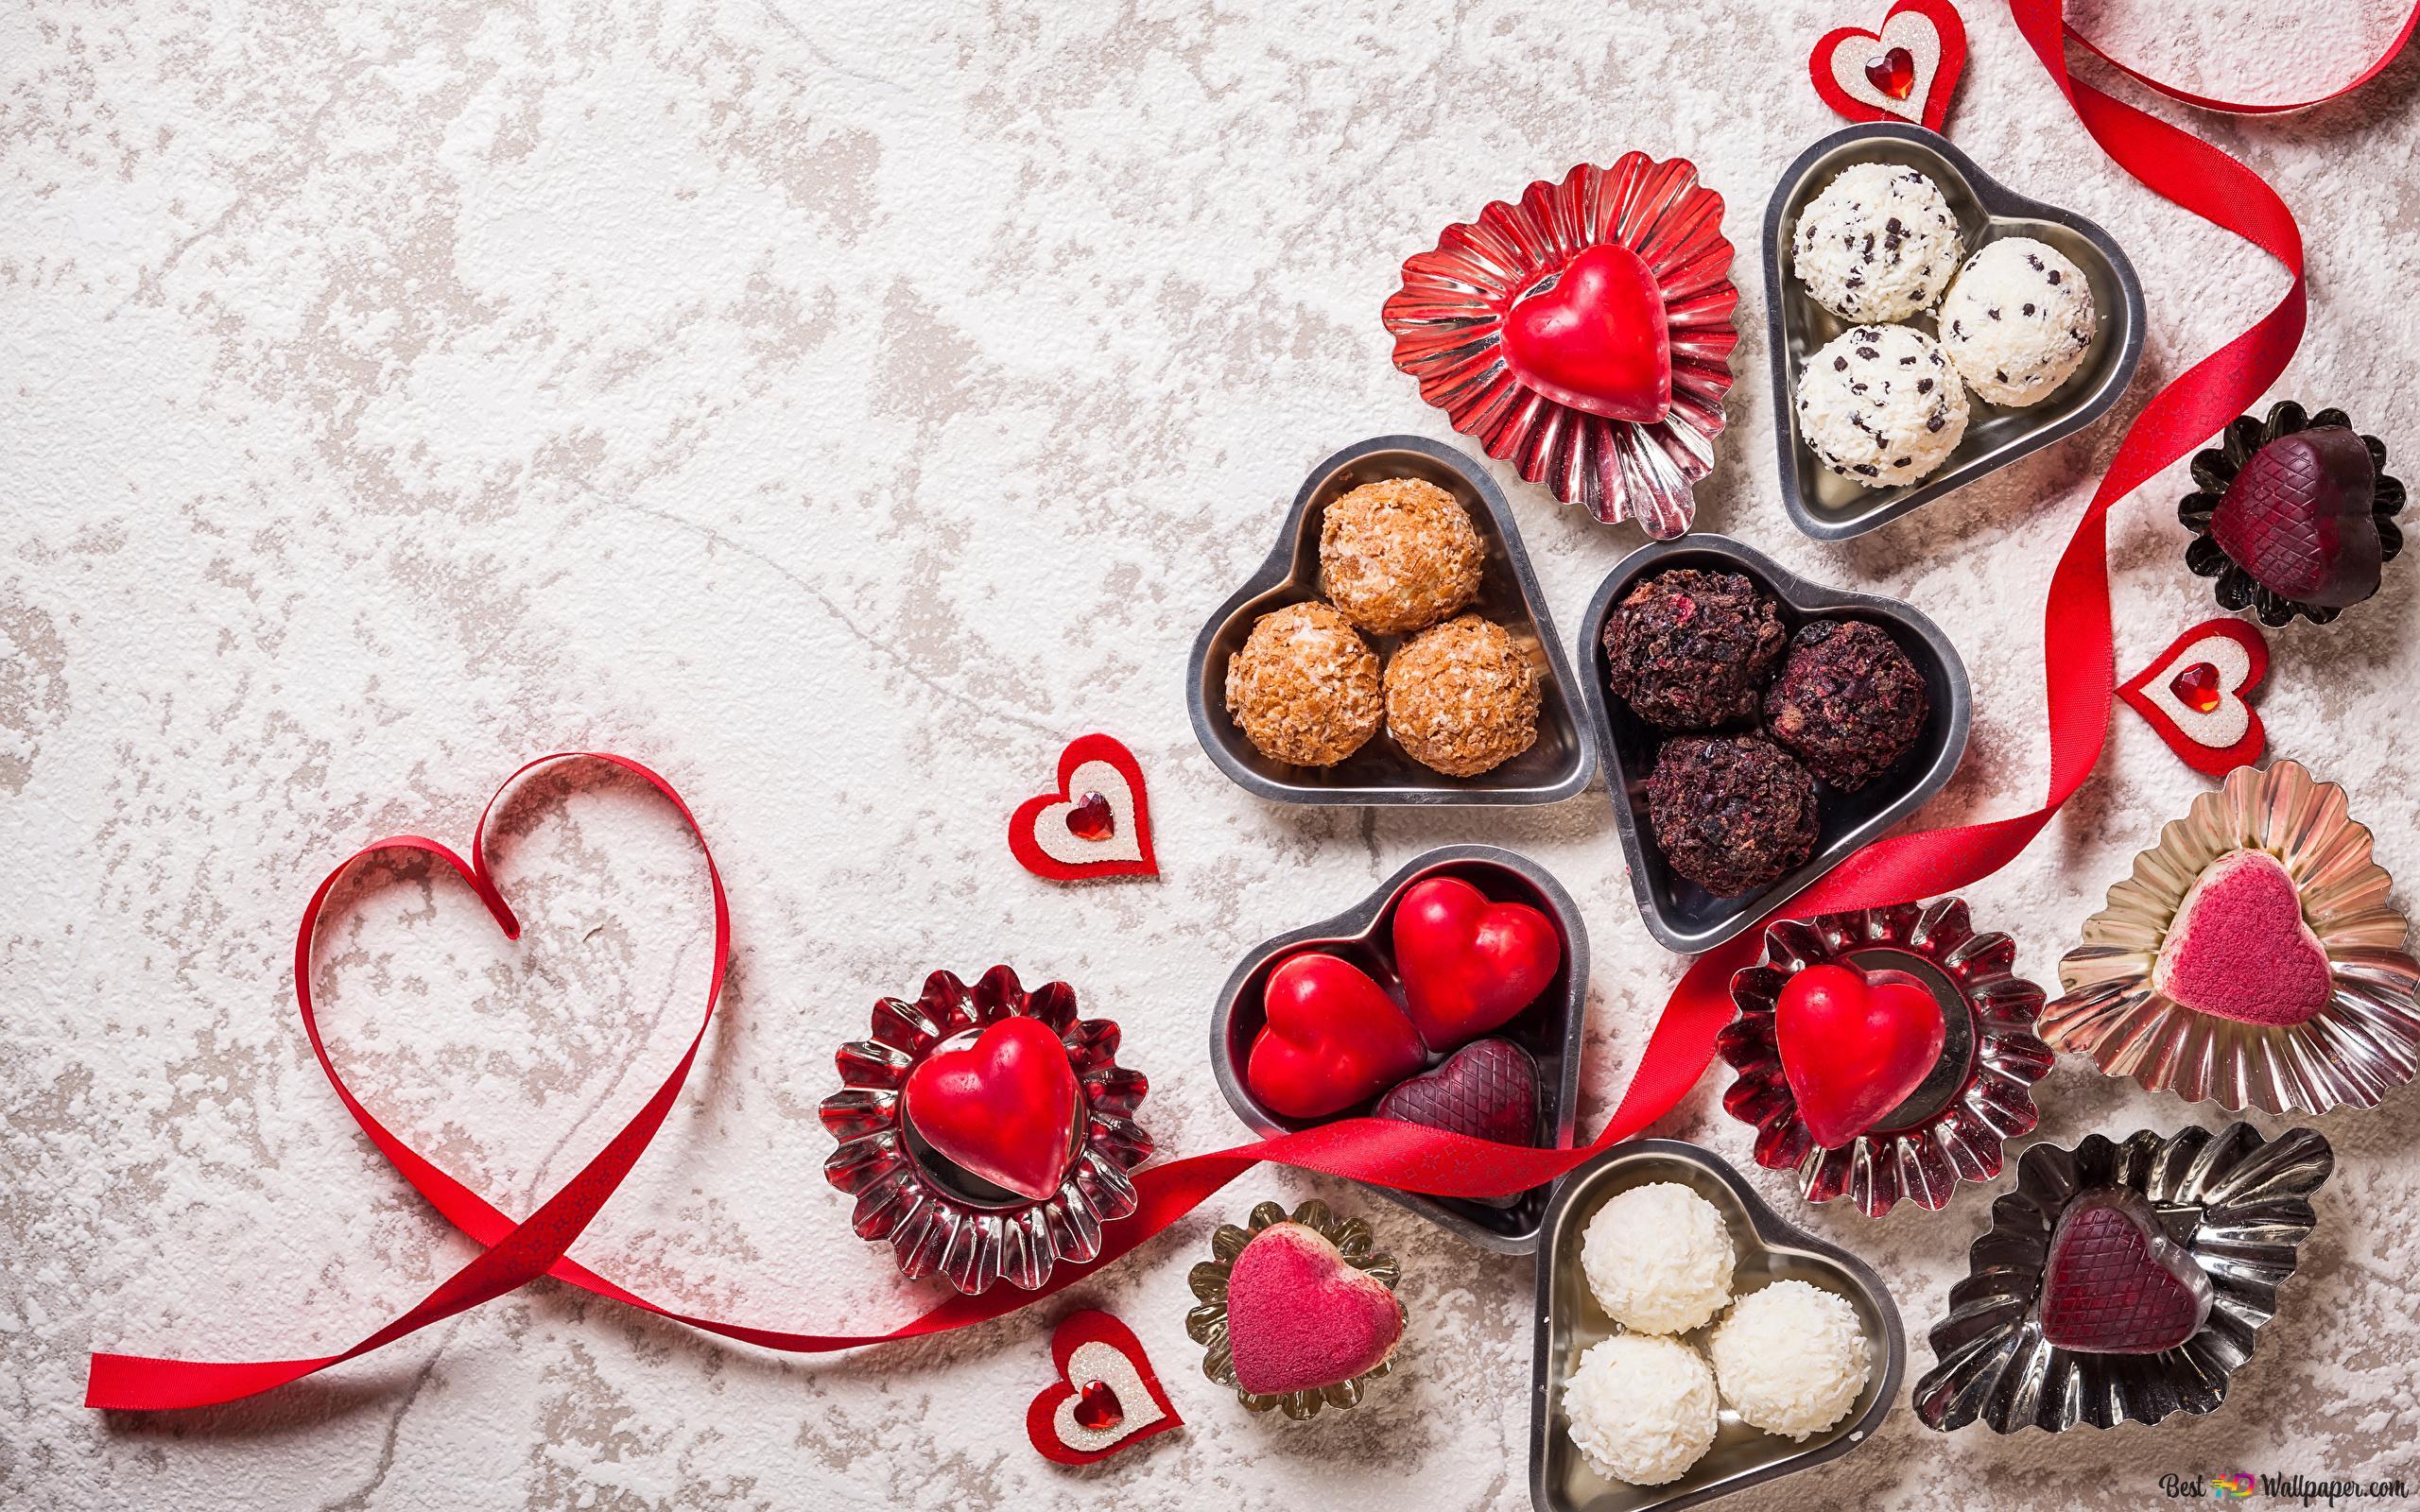 バレンタインデー 素敵なハートのチョコレートのデコレーション Hd